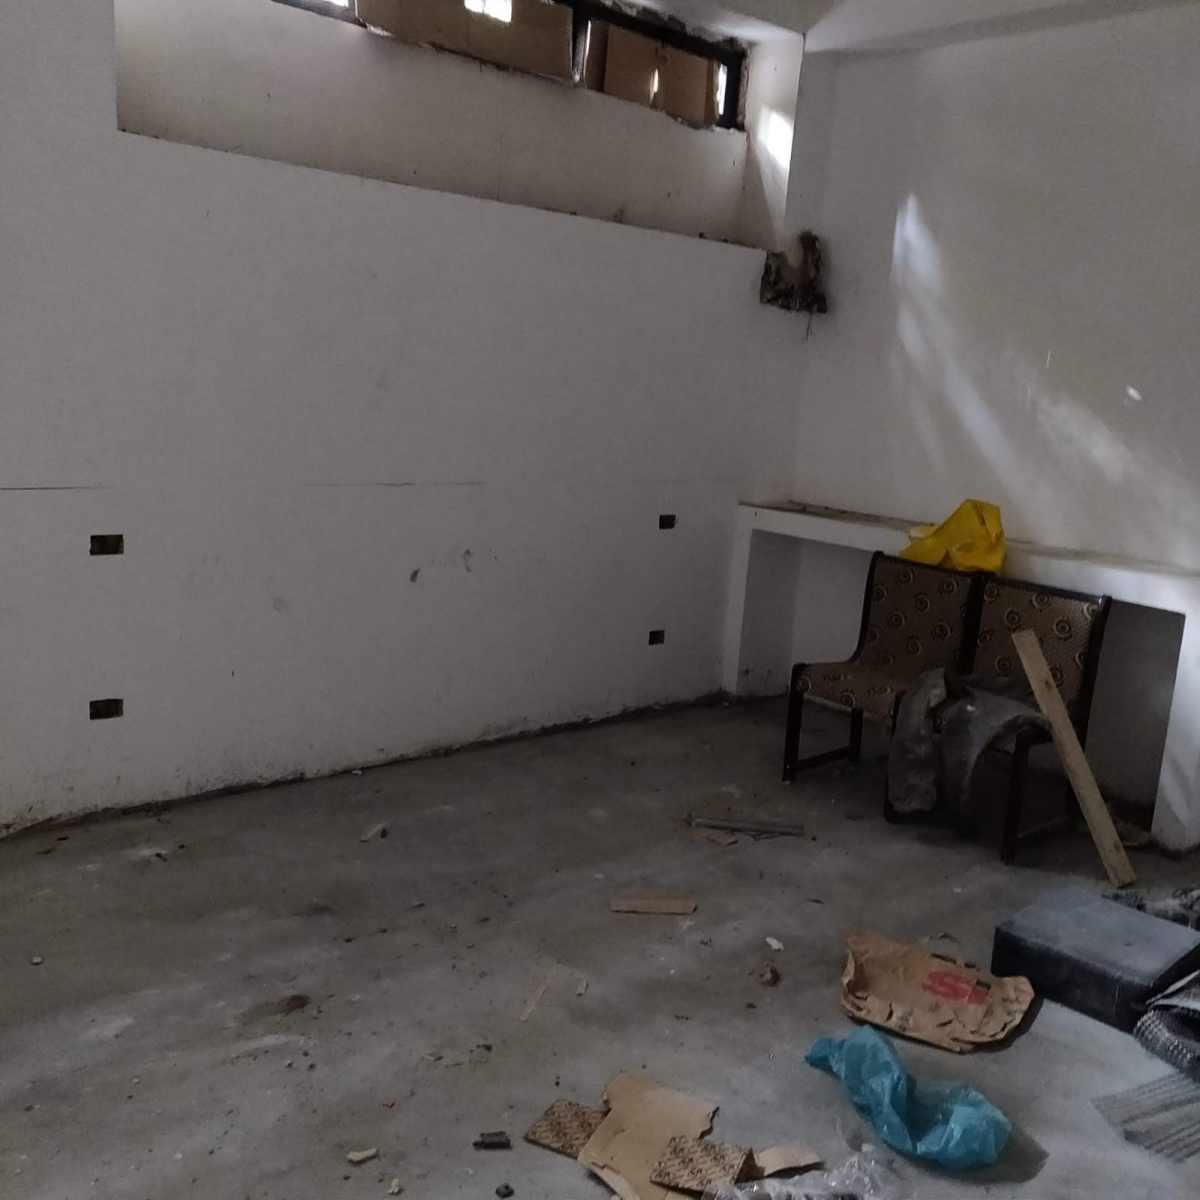 appartamenti-c3-in-vendita-via-chinotto-san-siro-milano-spaziourbano-immobiliare-vende-3-locali-2-locali-appartamenti-10